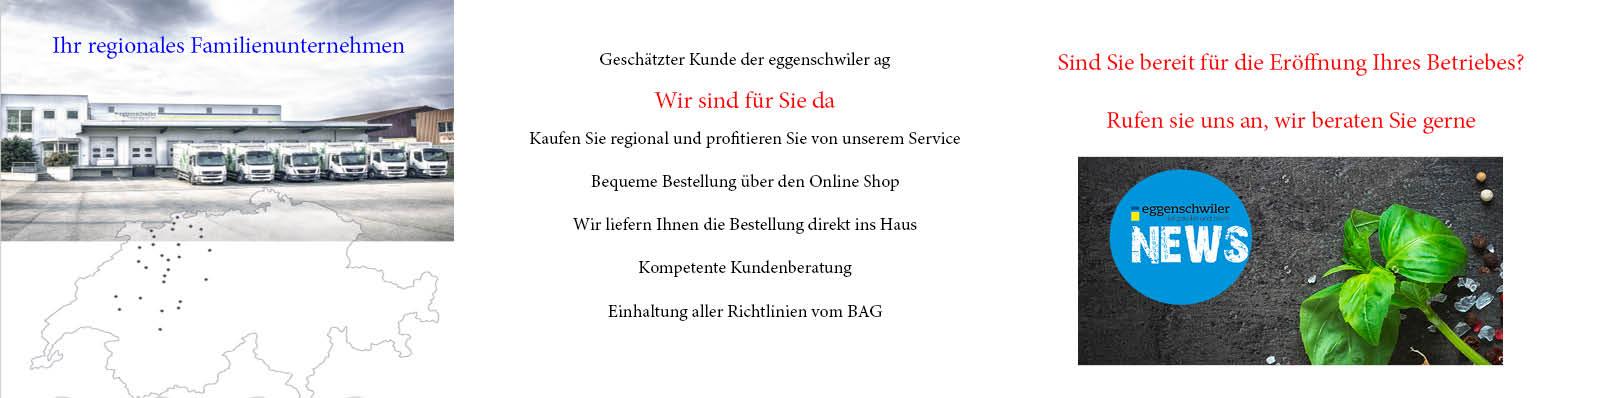 Slider_eggenschwiler_ag